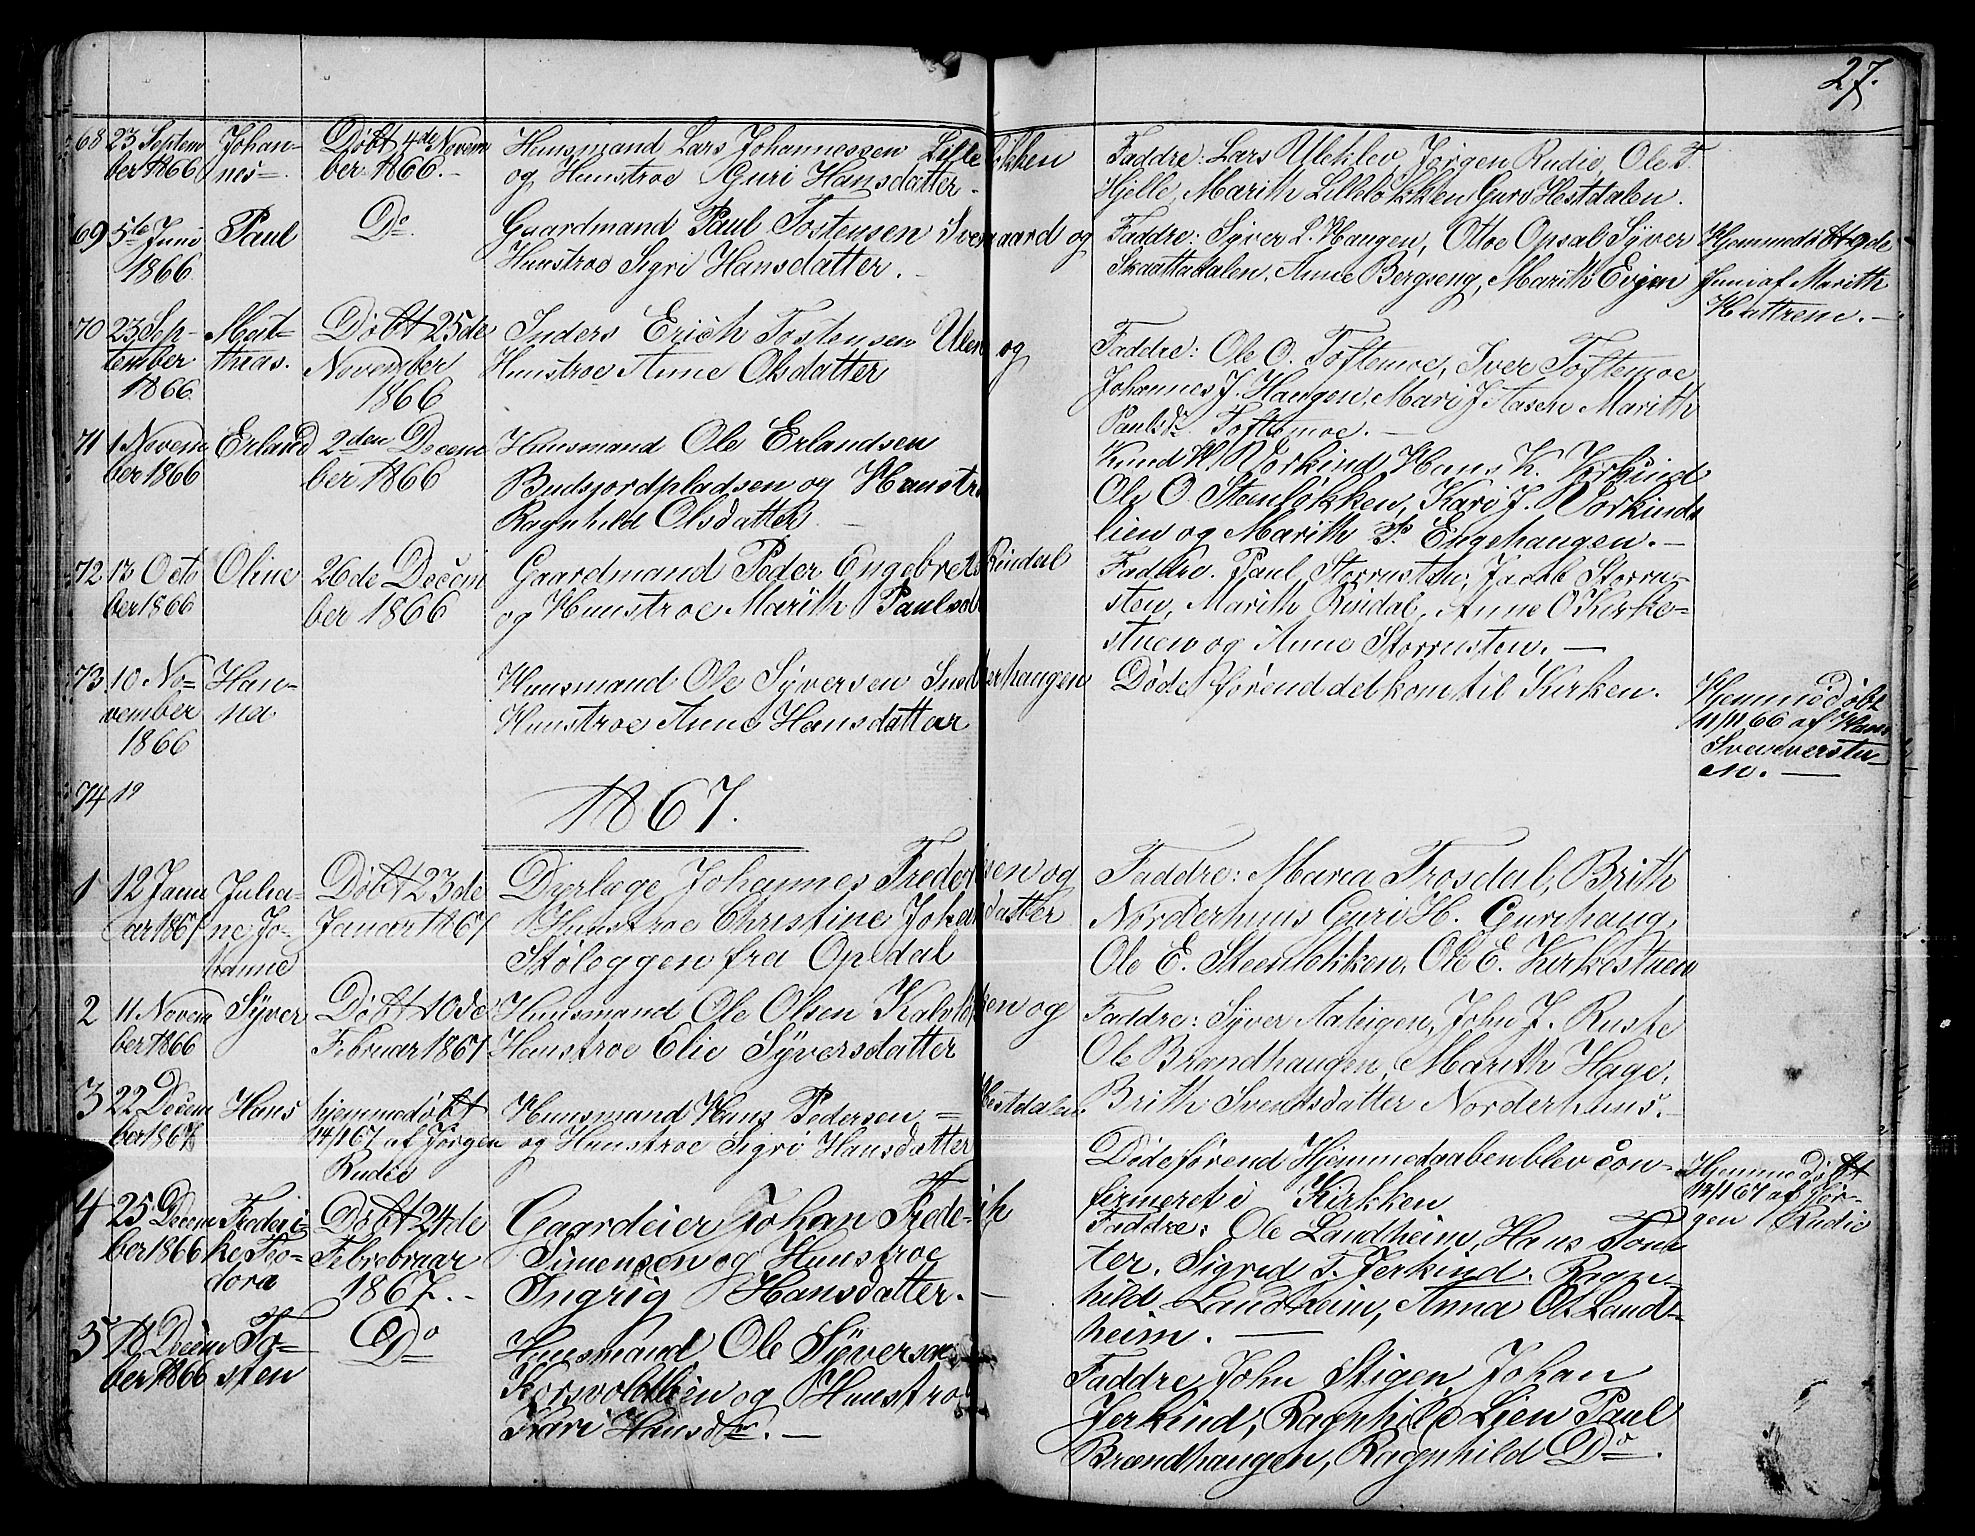 SAH, Dovre prestekontor, Klokkerbok nr. 1, 1862-1880, s. 27